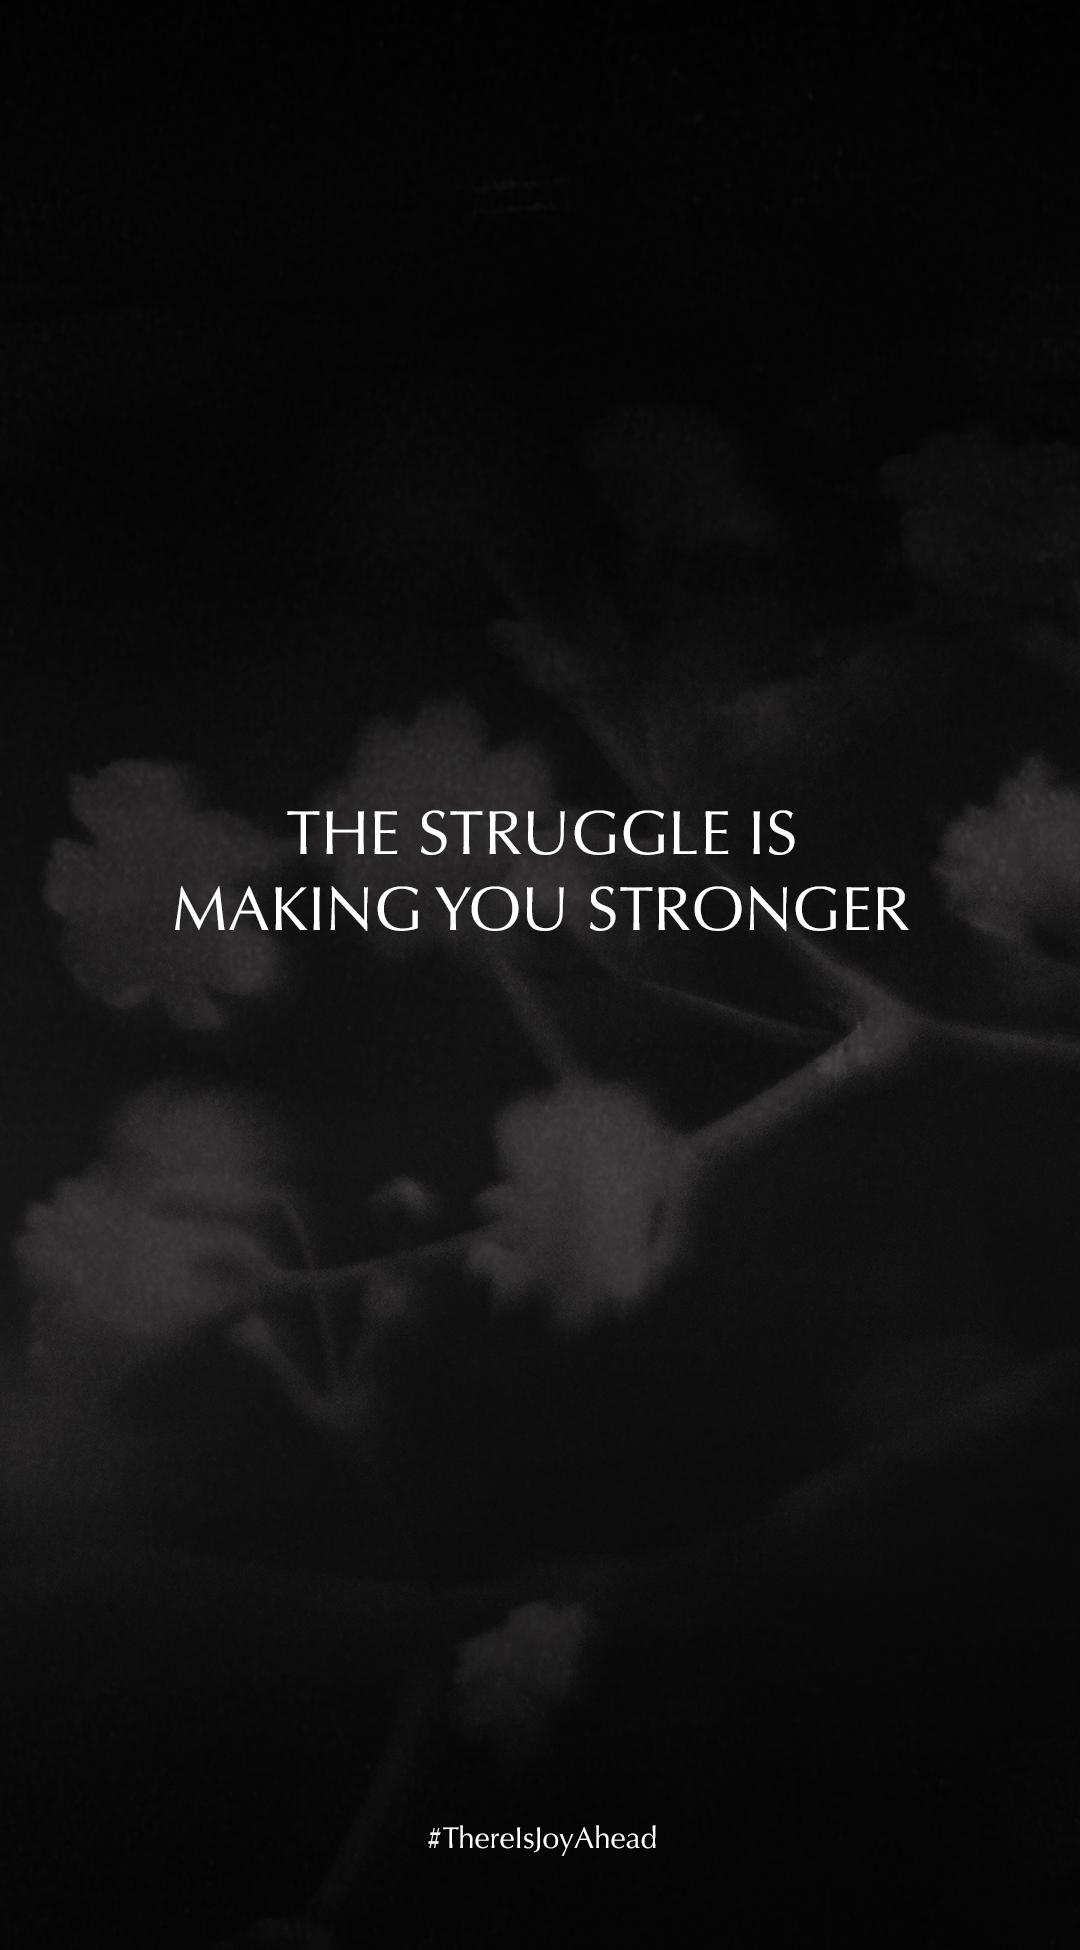 Stronger - 1080x1920 (JPG)